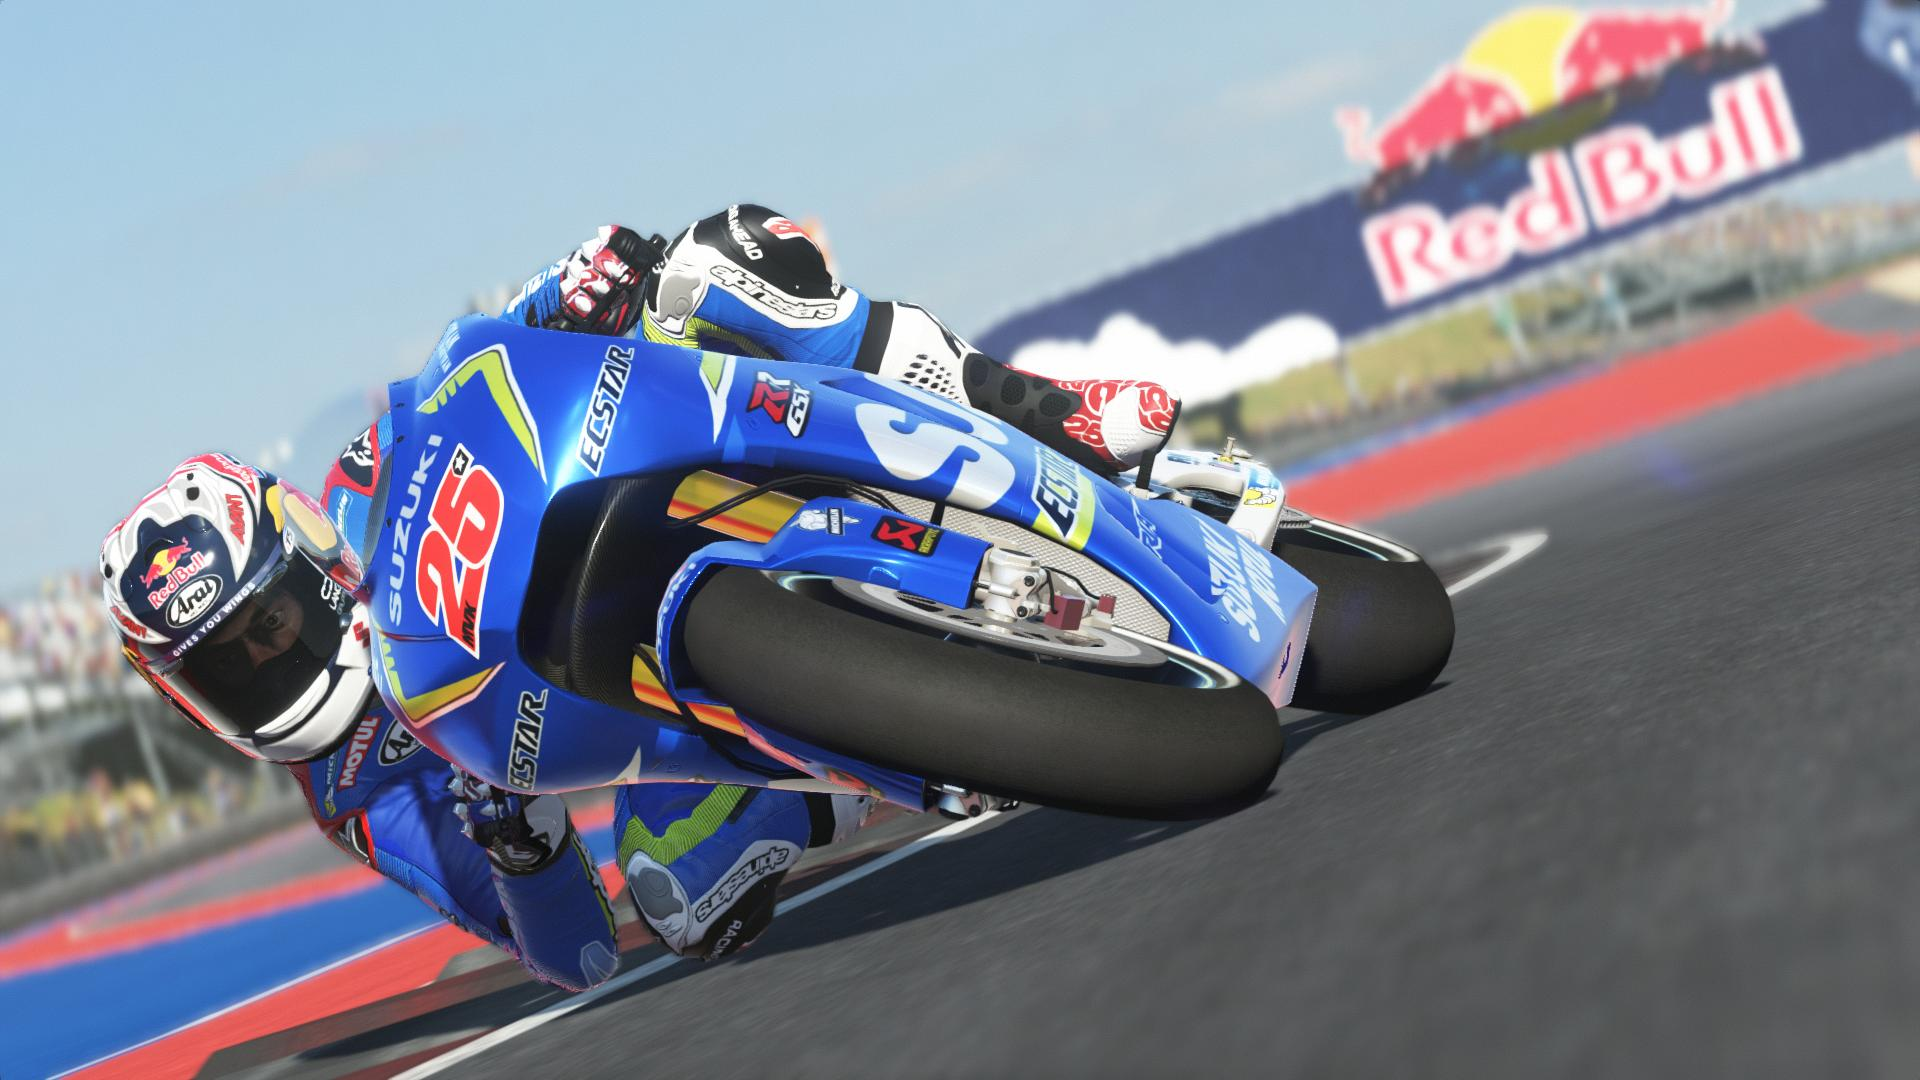 MotoGP15X64 2016-03-18 17-08-32-22.jpg